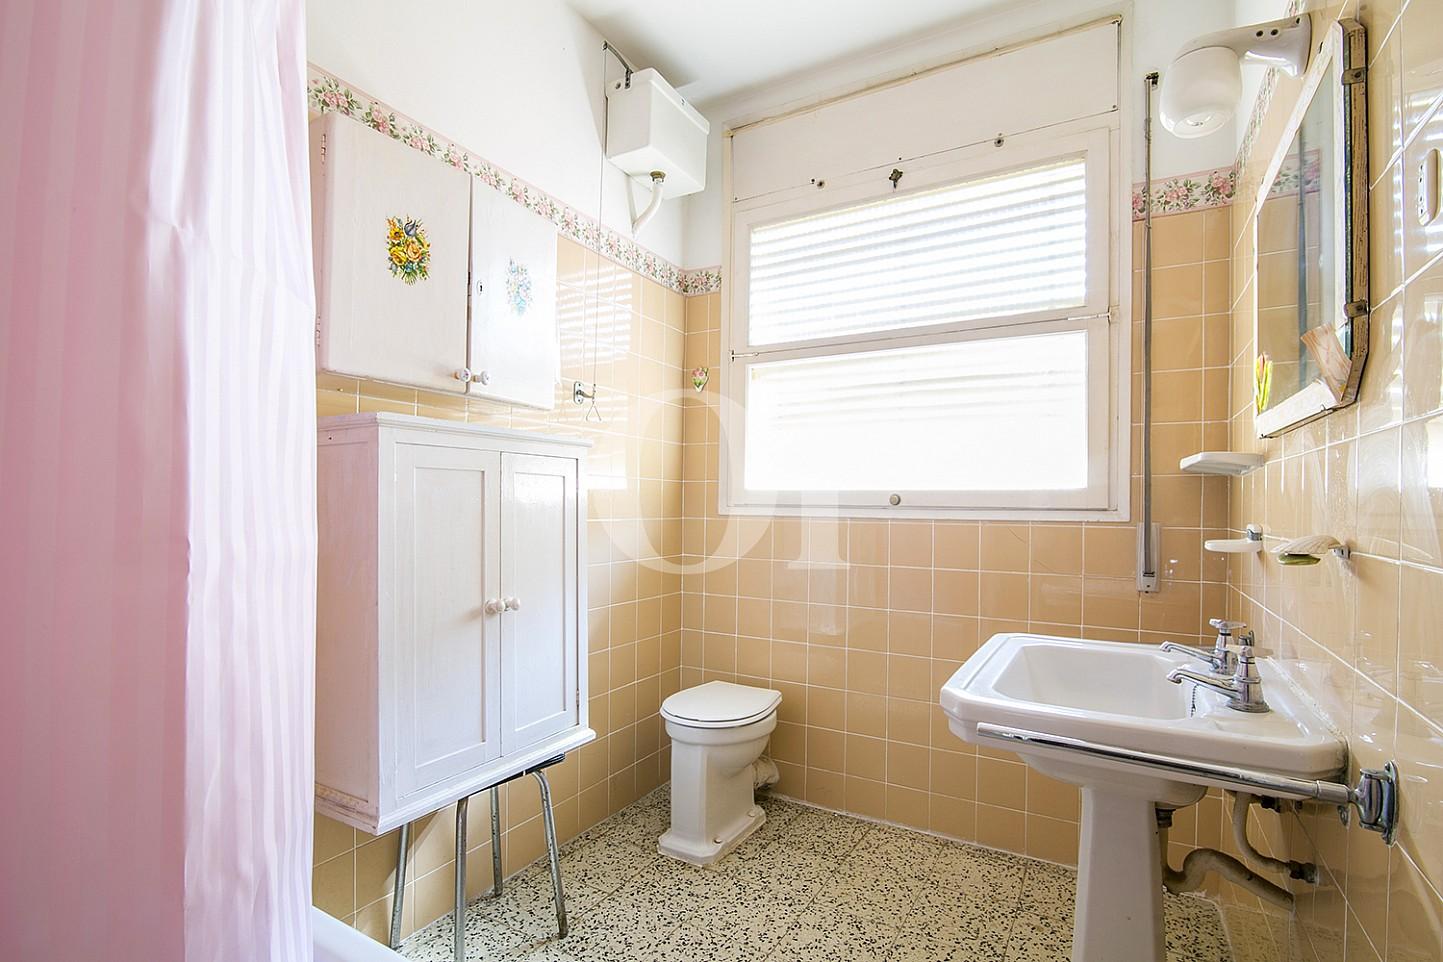 vistes de bany amb lavabo i banyera en pis en venda situat a Caldetes